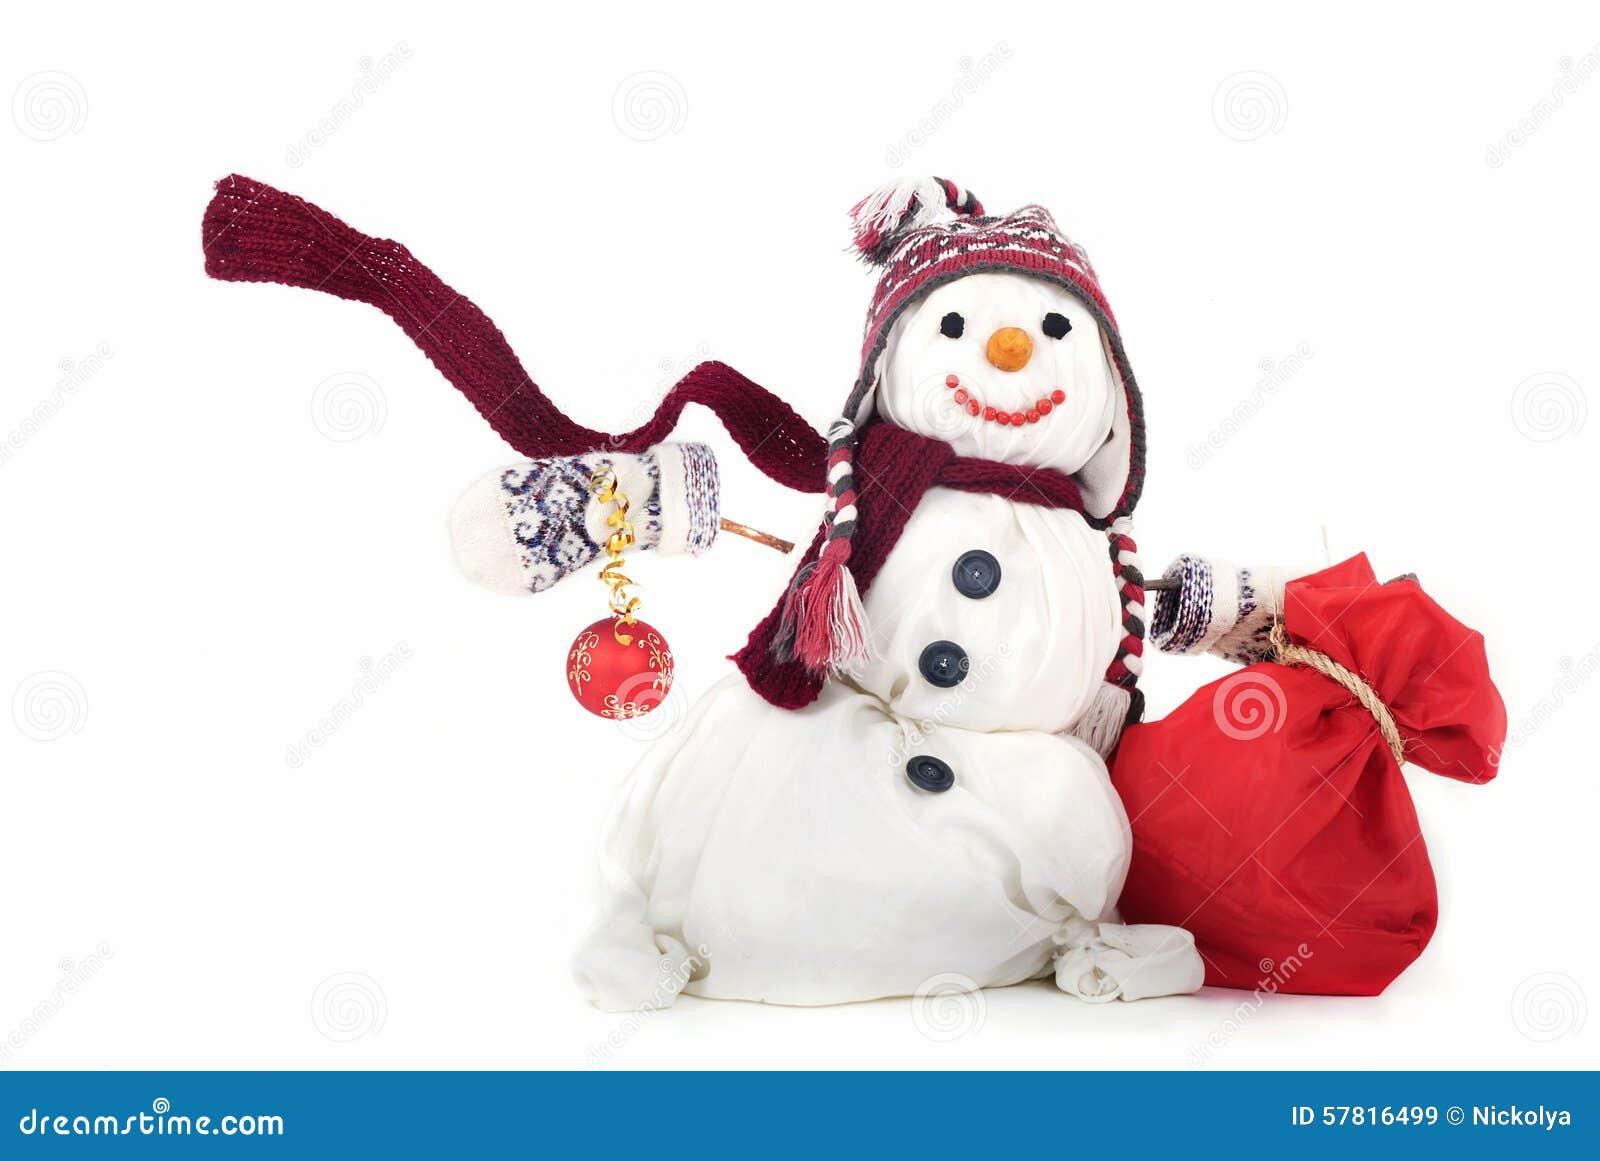 Снеговик картинка своими руками